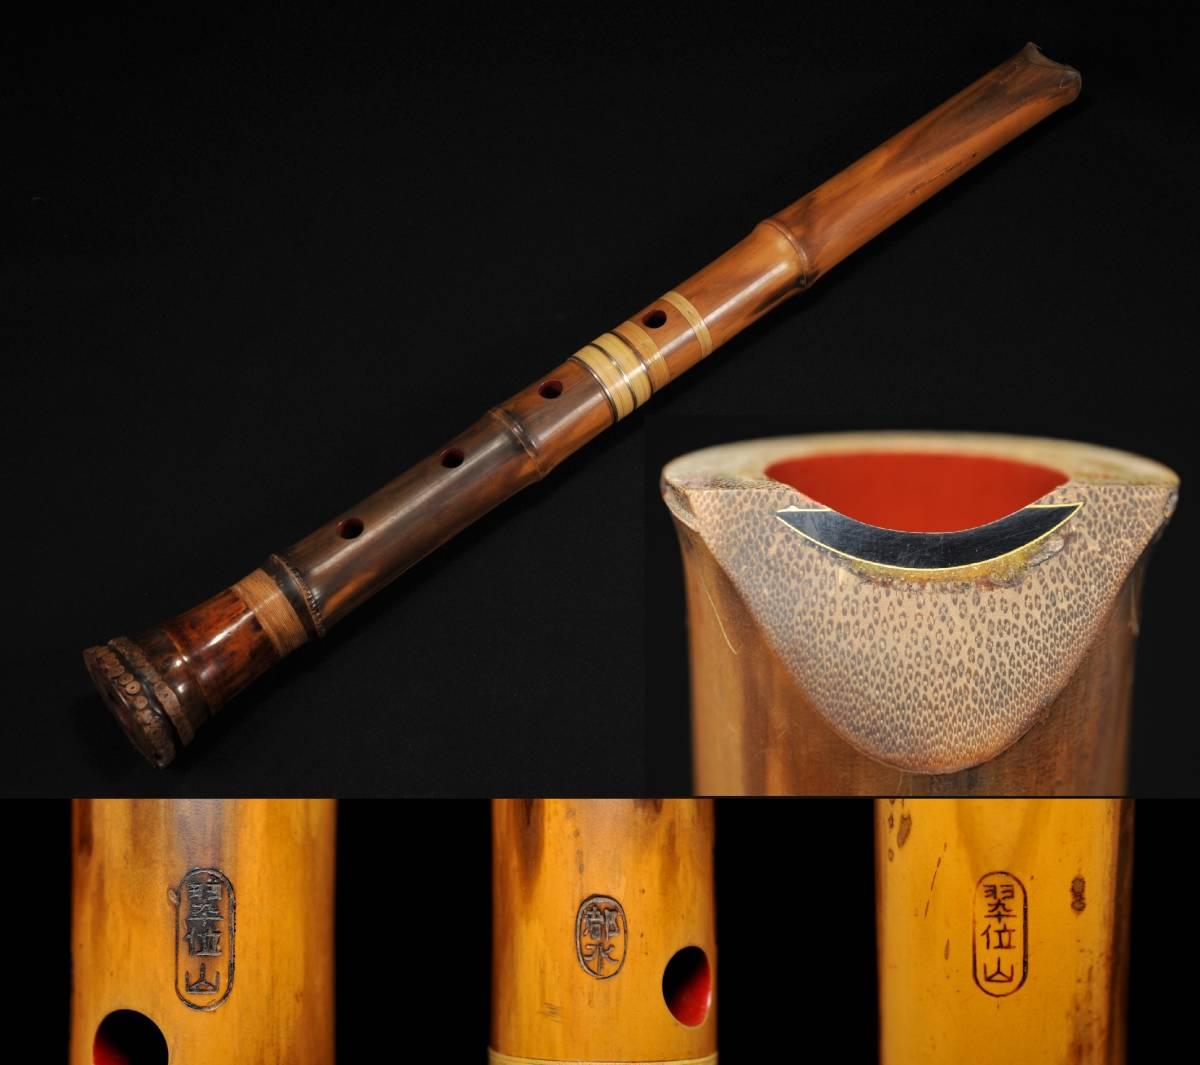 翠位山 都水 銘 三印 都山流 金巻歌口 銀三線籐巻 約55cm 尺八 和楽器